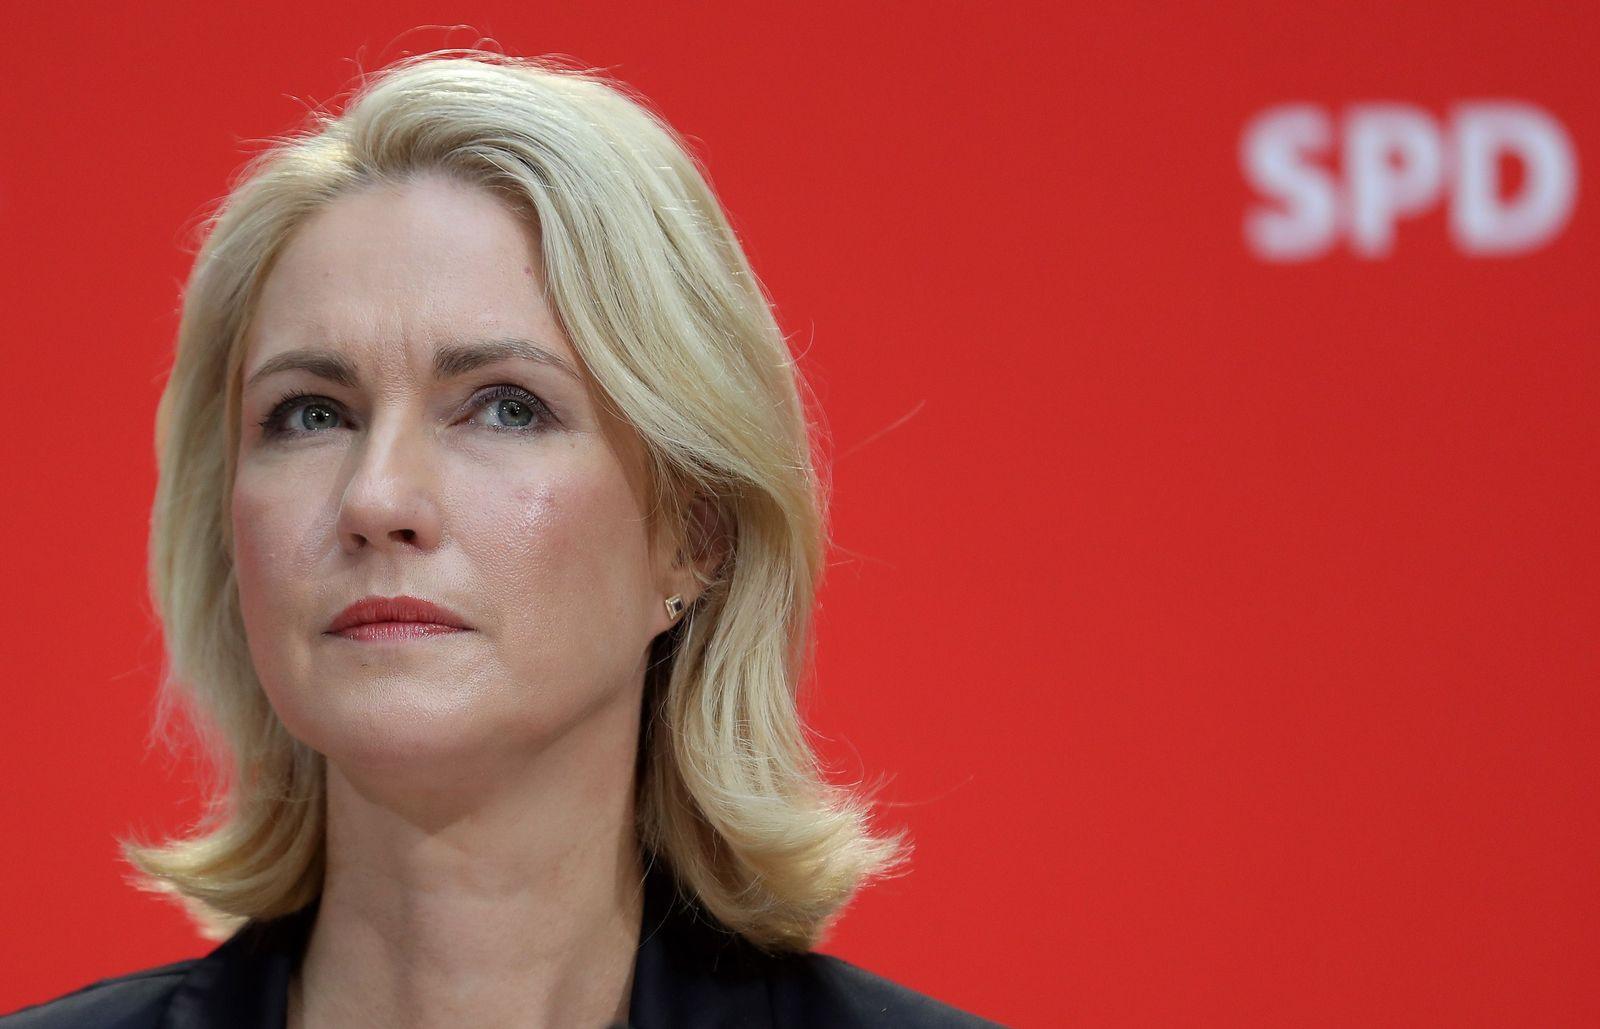 Manuela Schwesig/ SPD